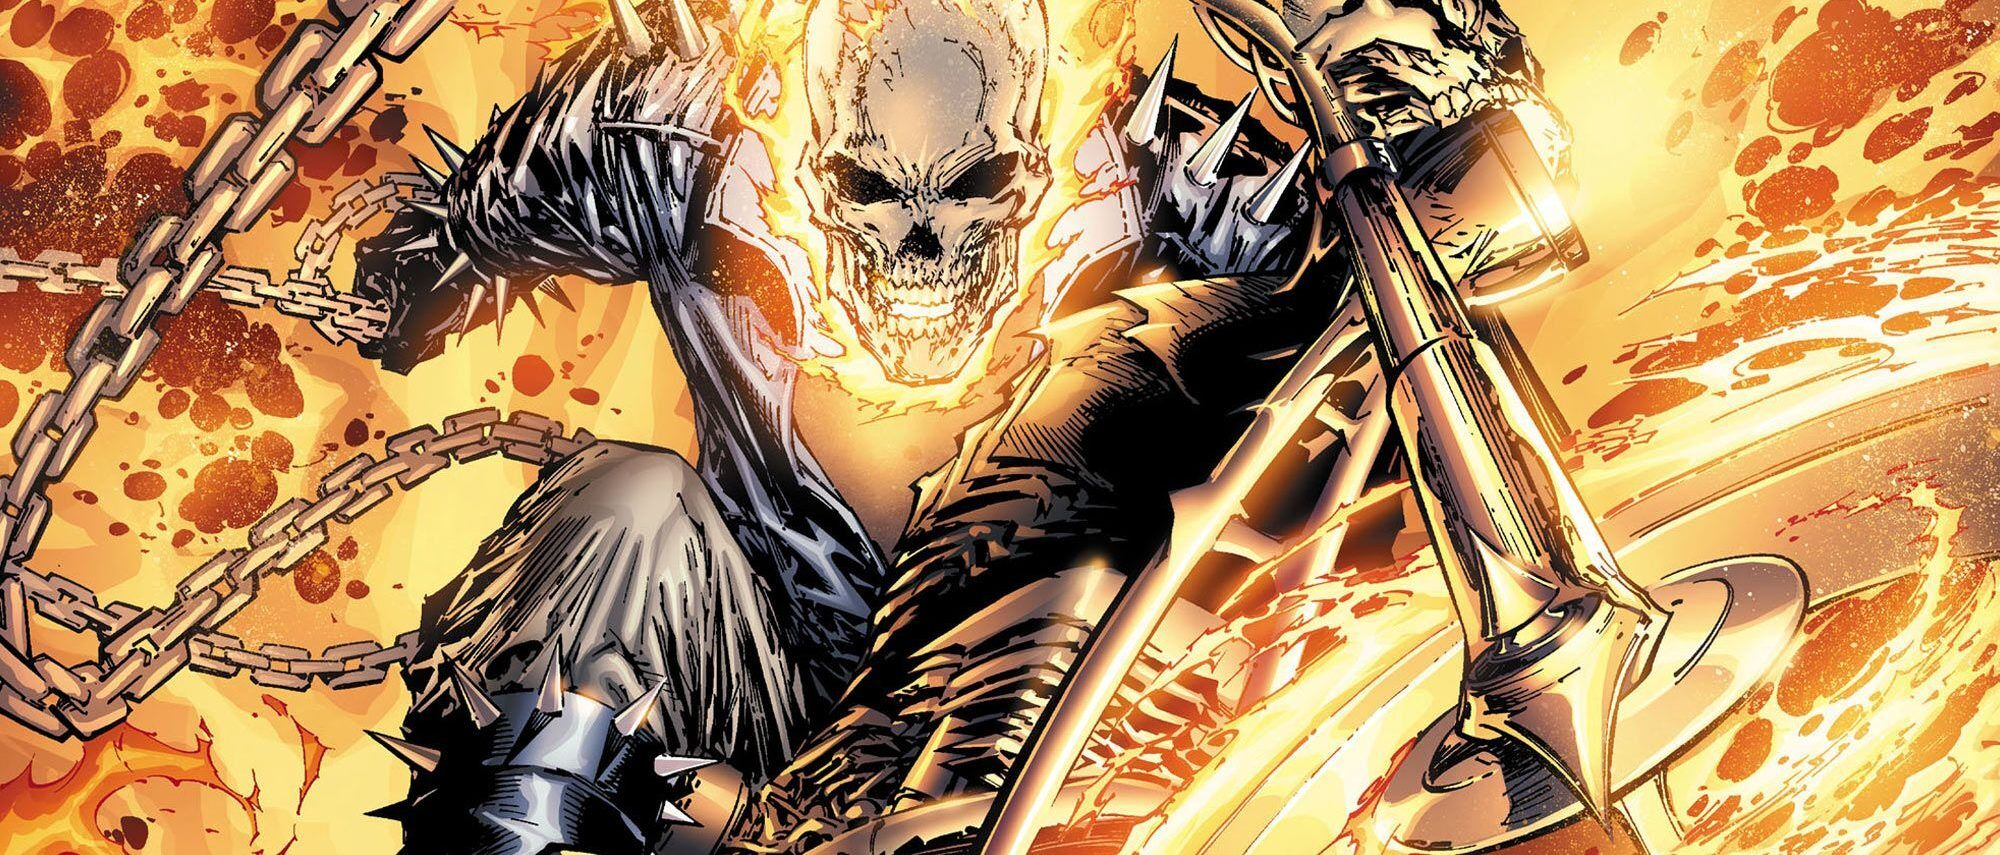 Ghost Rider Movie Zack Snyder MCU Marvel